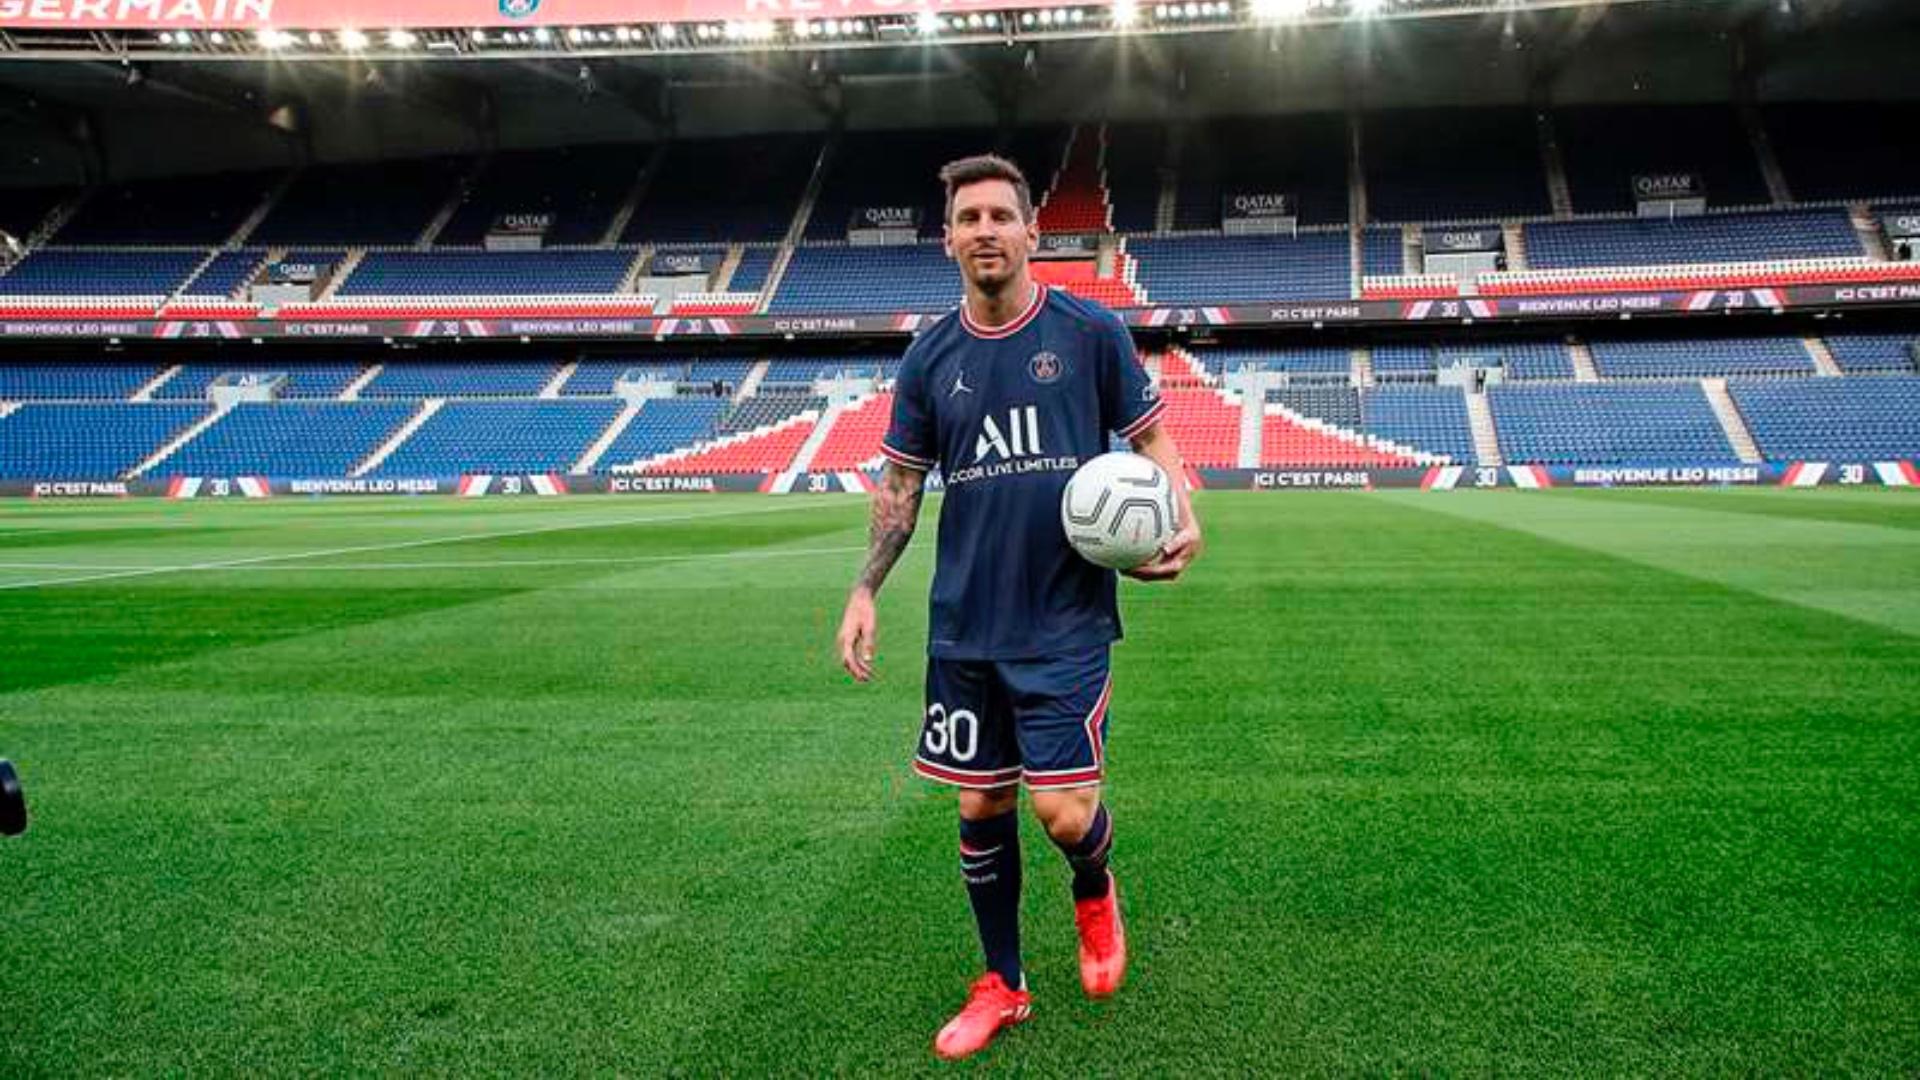 Camiseta de Messi en el PSG 2021-2022: diseño, precio, cuánto cuesta y  dónde comprarla | Goal.com